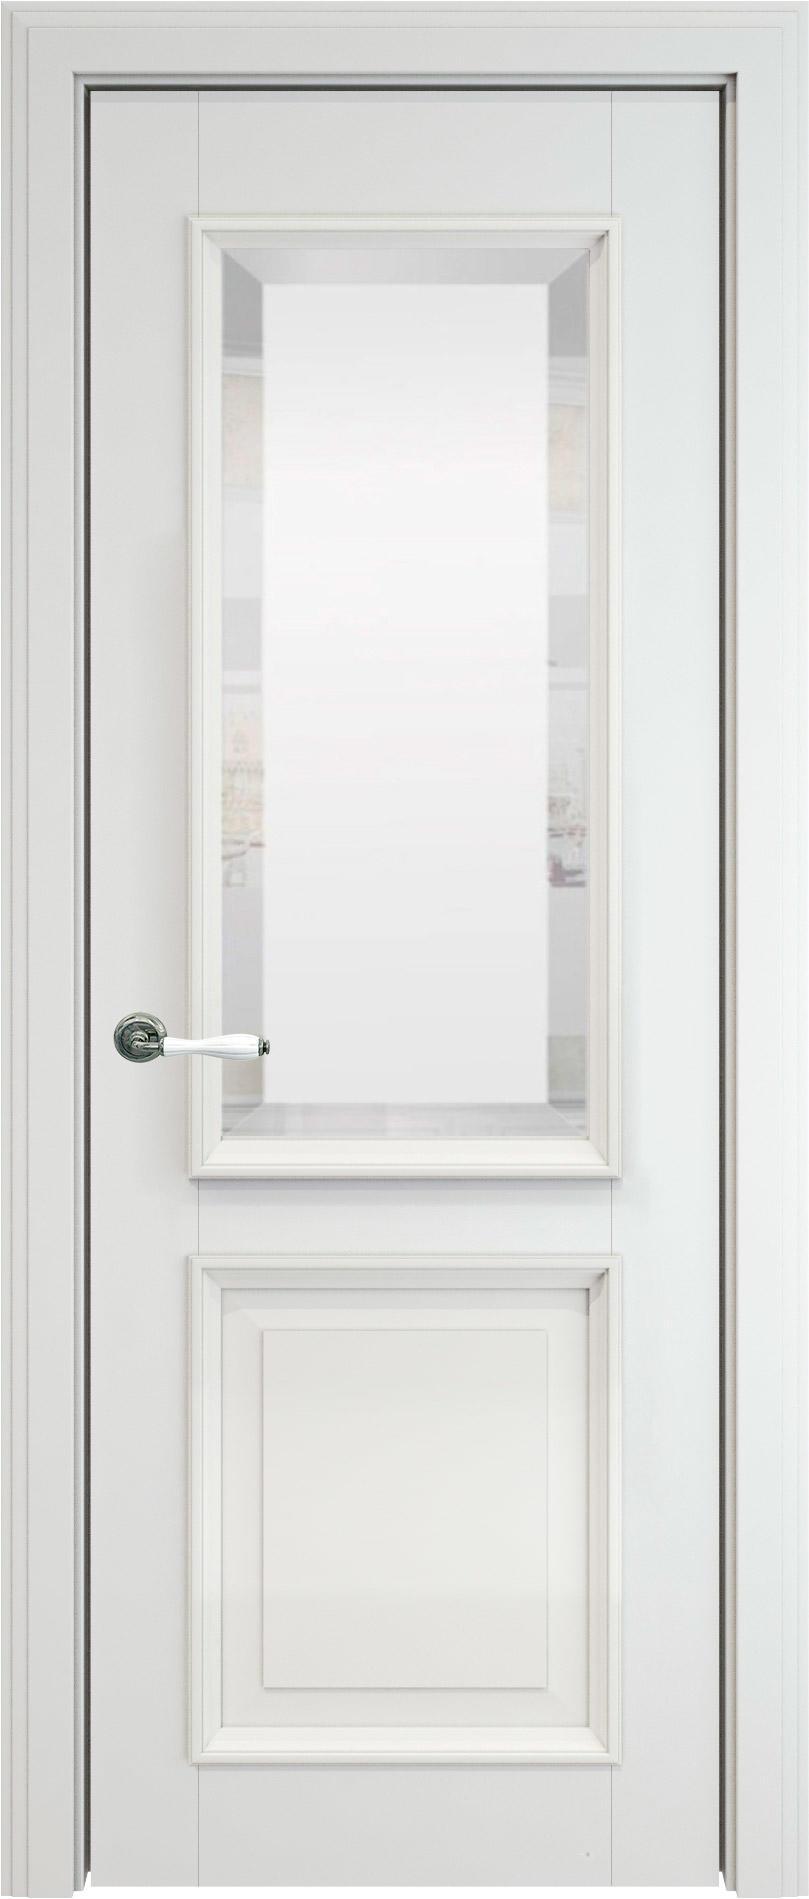 Dinastia LUX цвет - Белая эмаль (RAL 9003) Со стеклом (ДО)